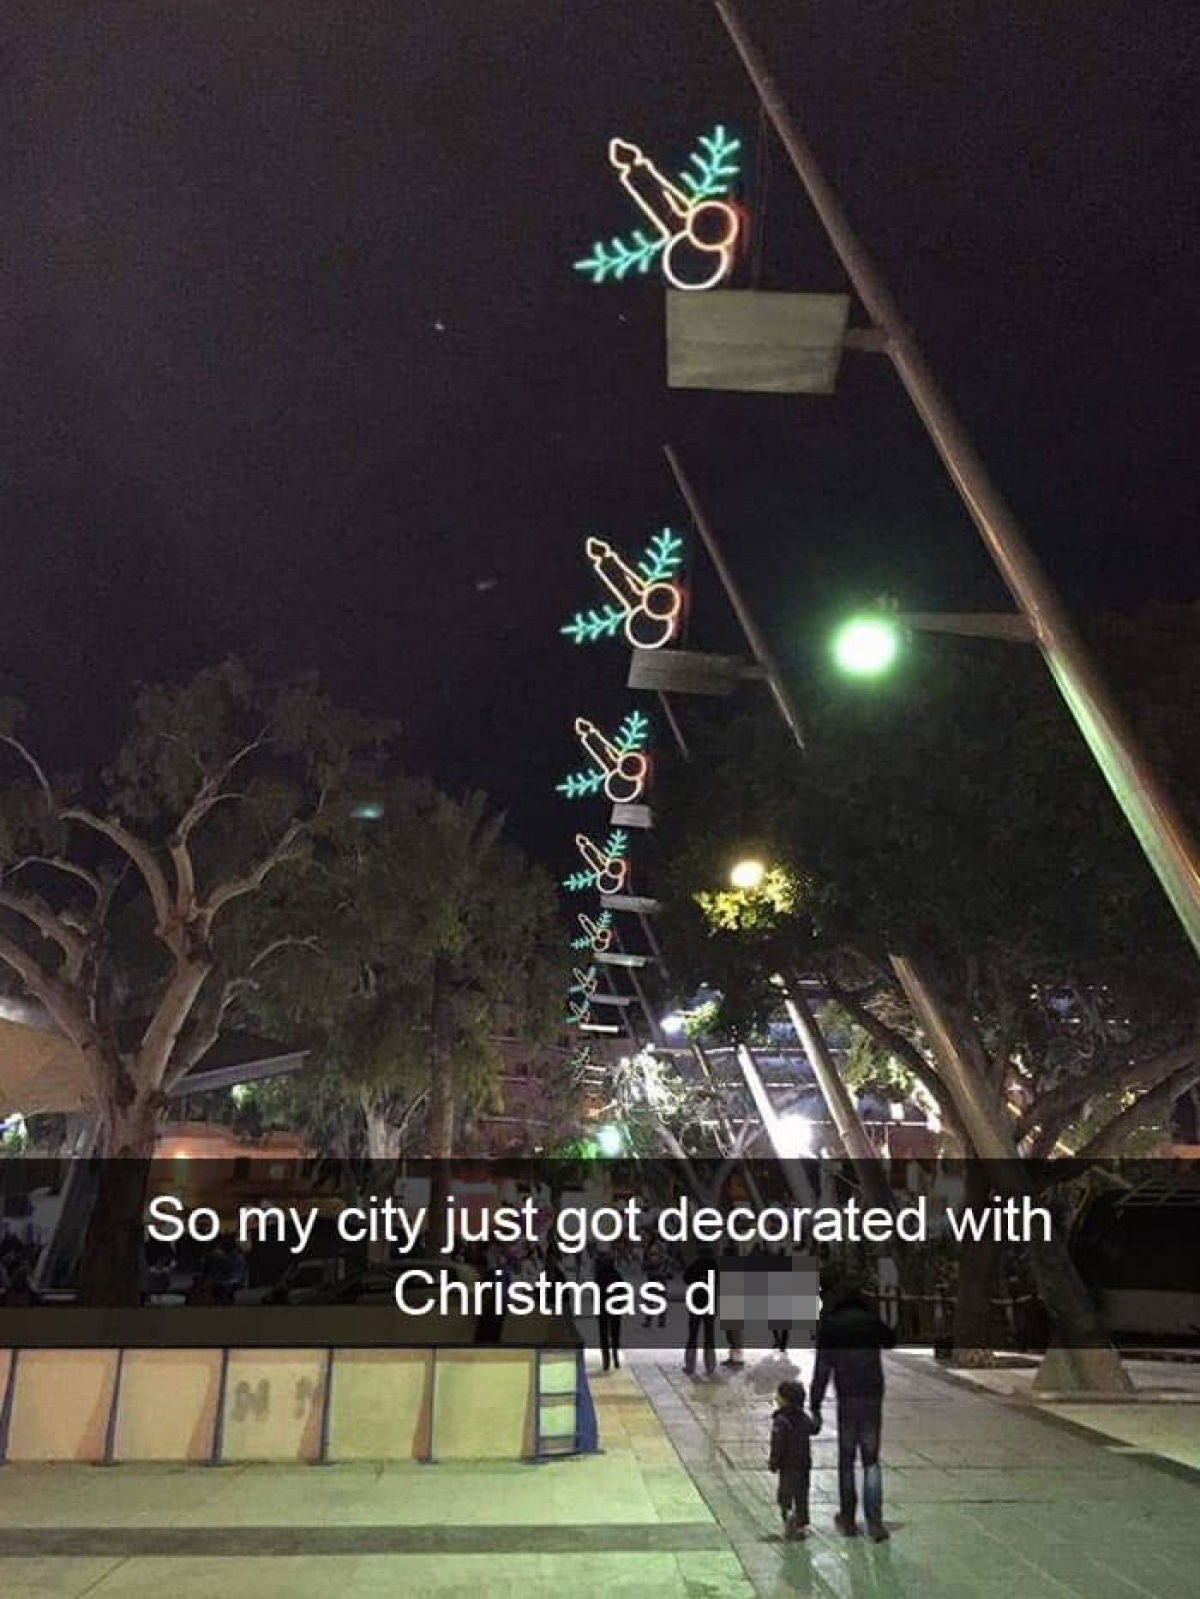 Đèn trang trí Giáng sinh có hình dáng kỳ quặc và khó hiểu. 